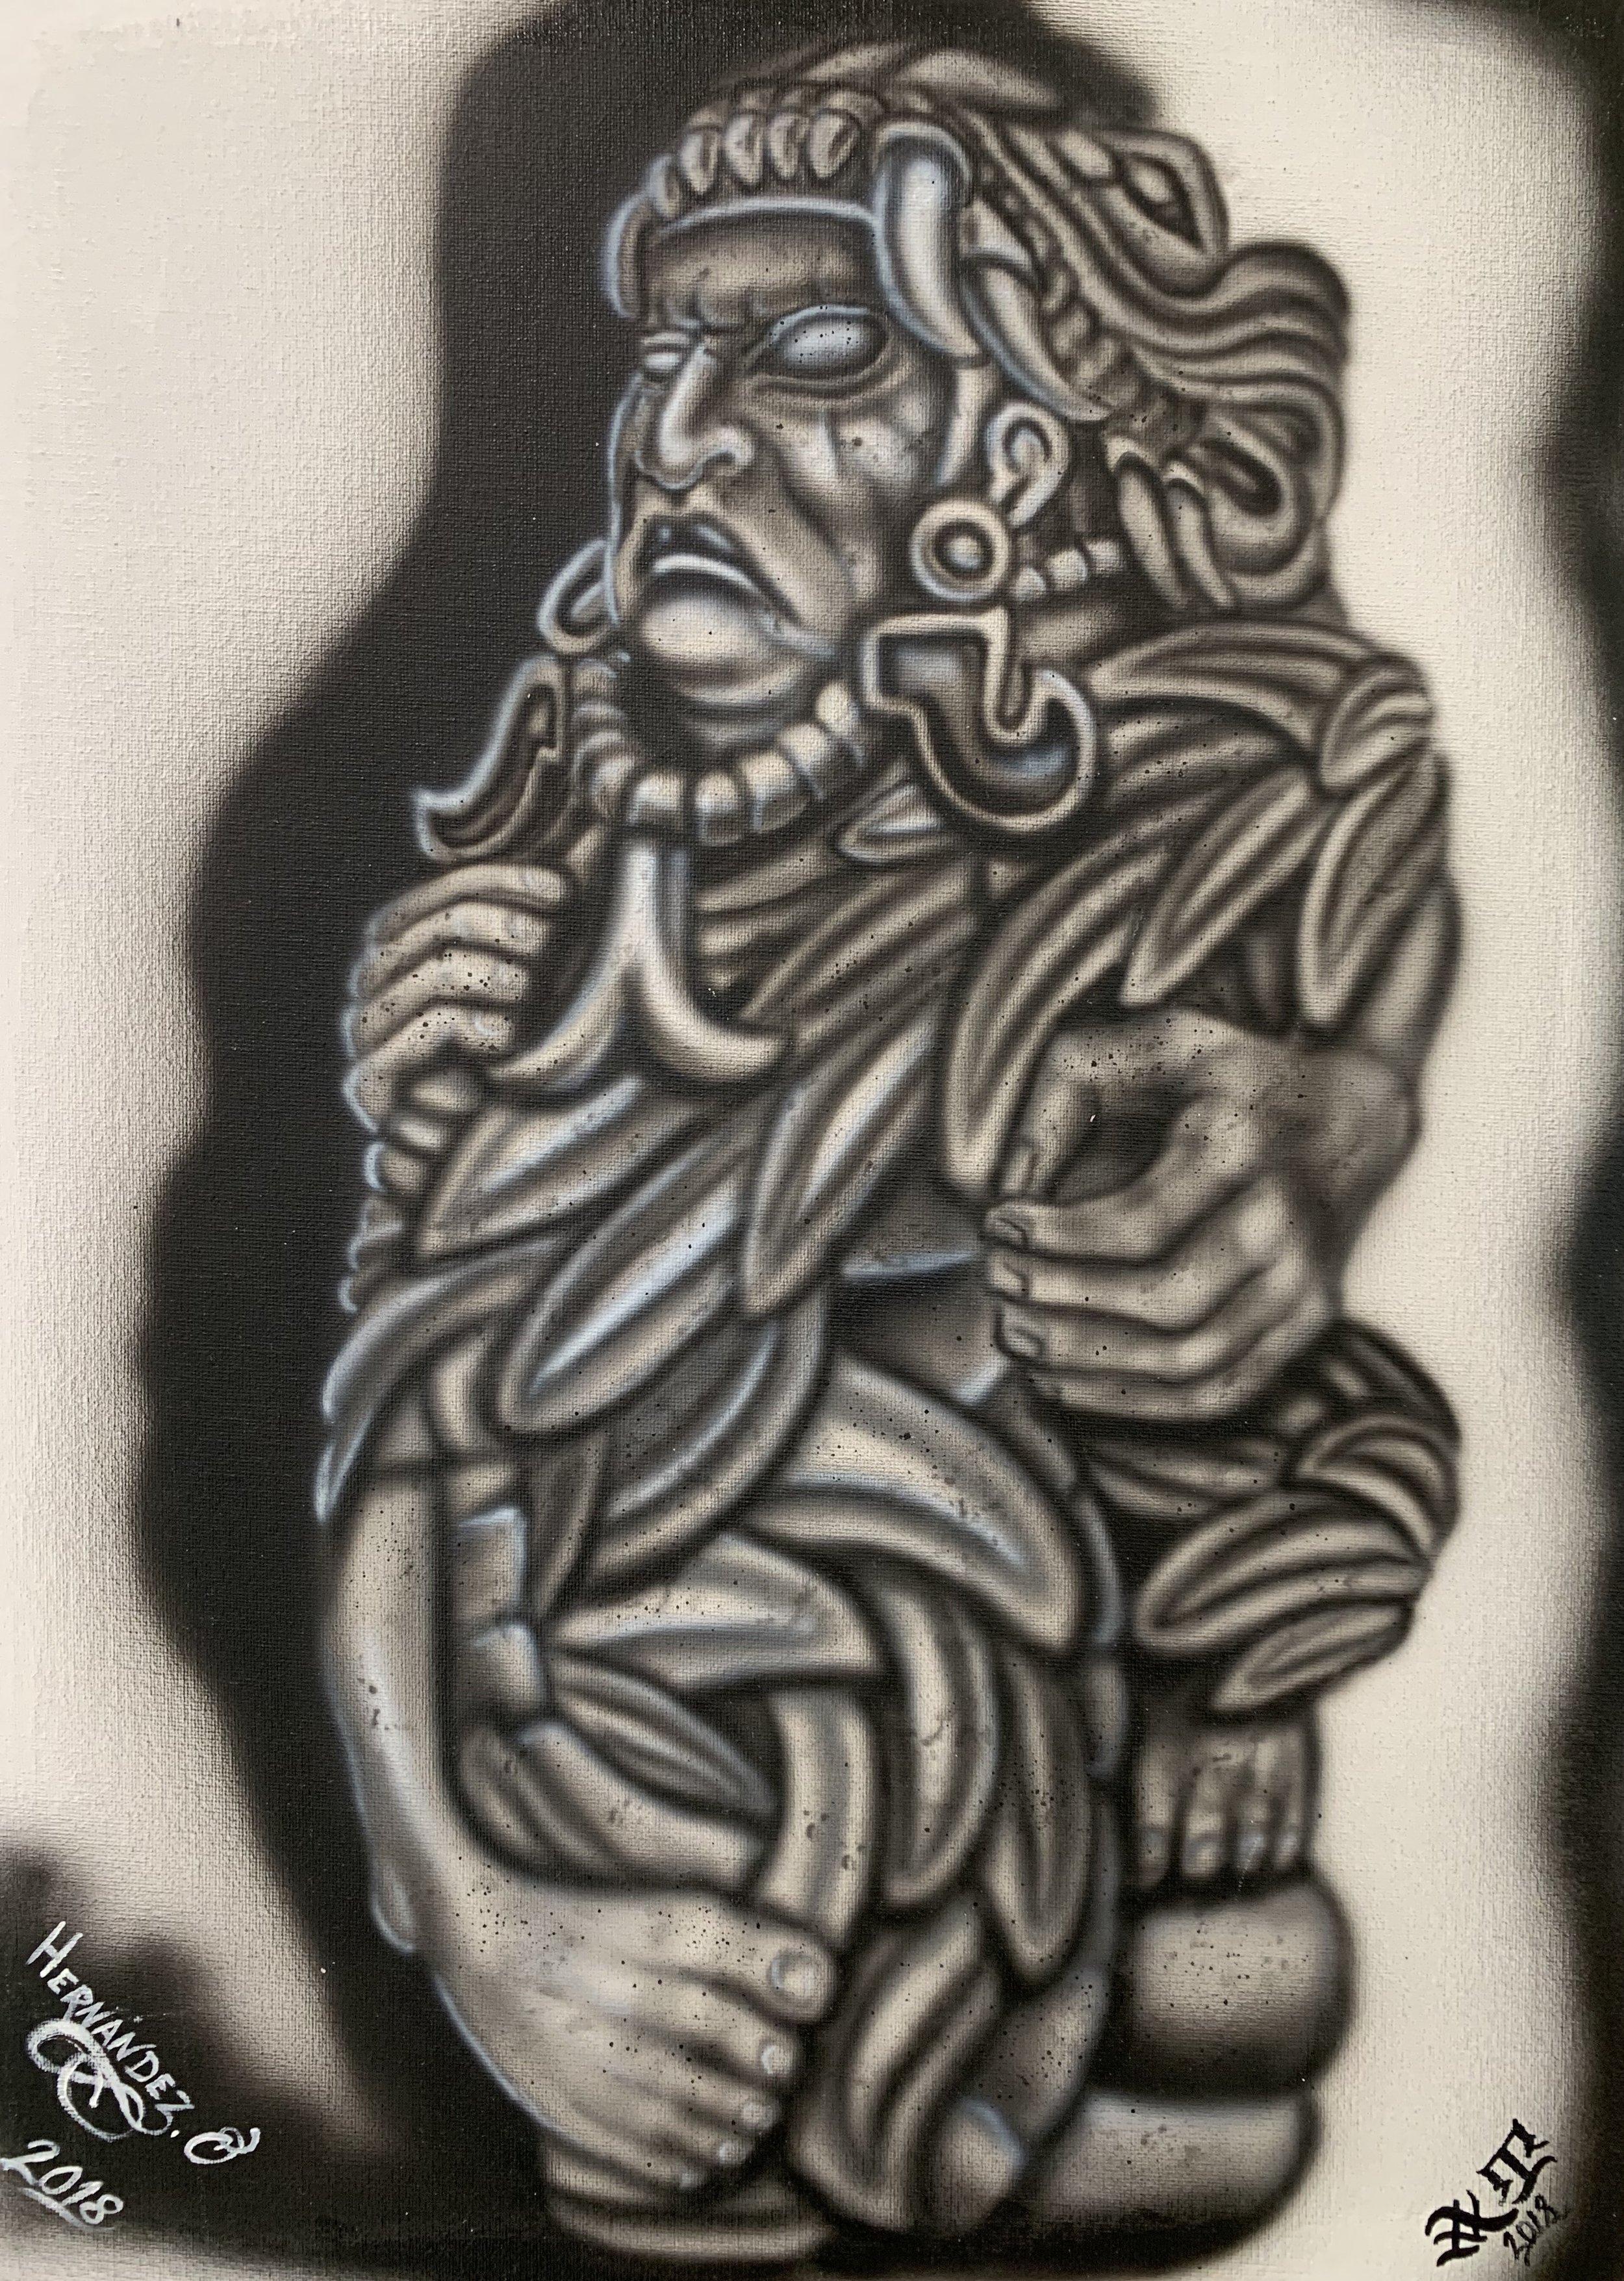 Julio, Quetzalcoatl - Aztec Figure -